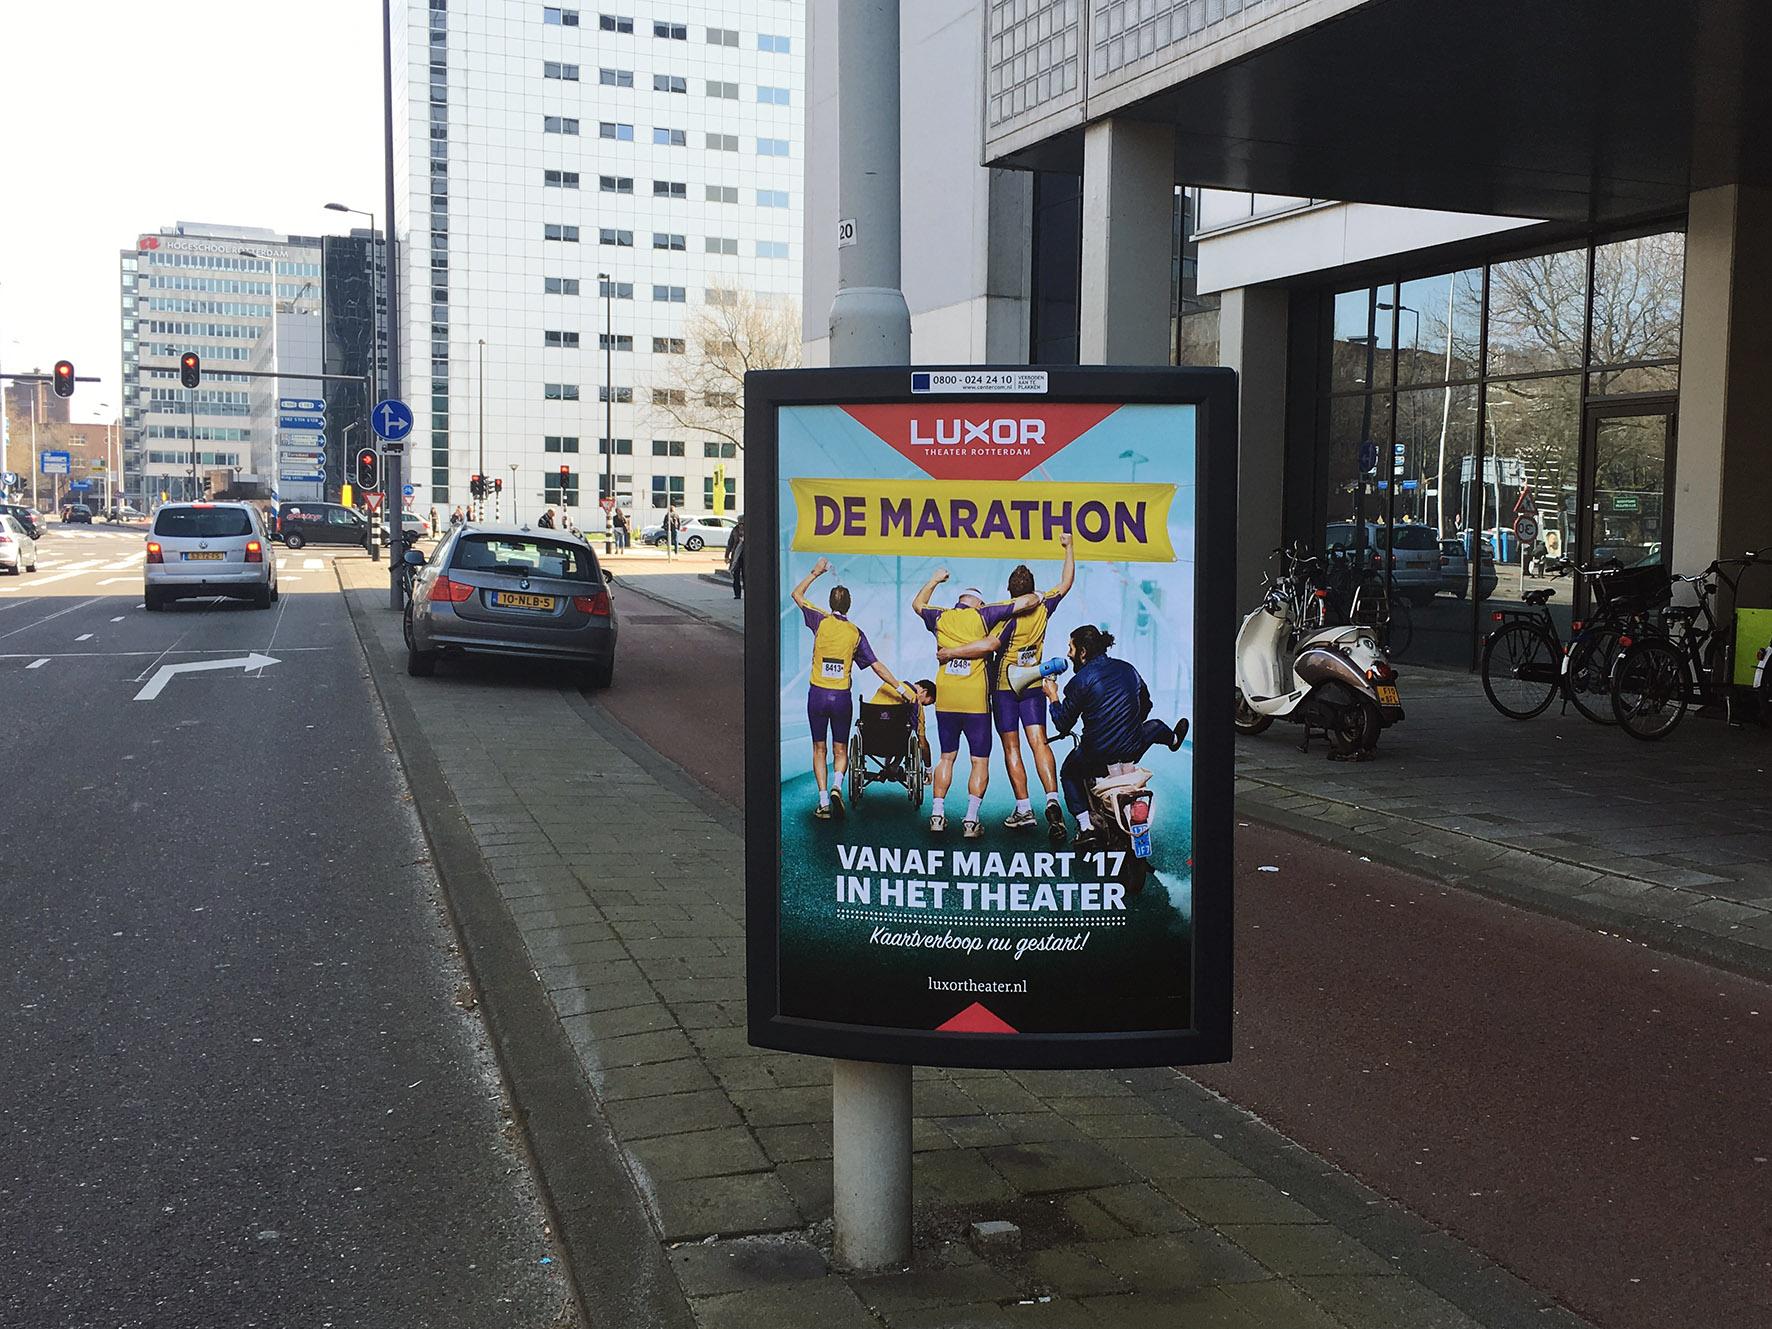 campaign for De Marathon